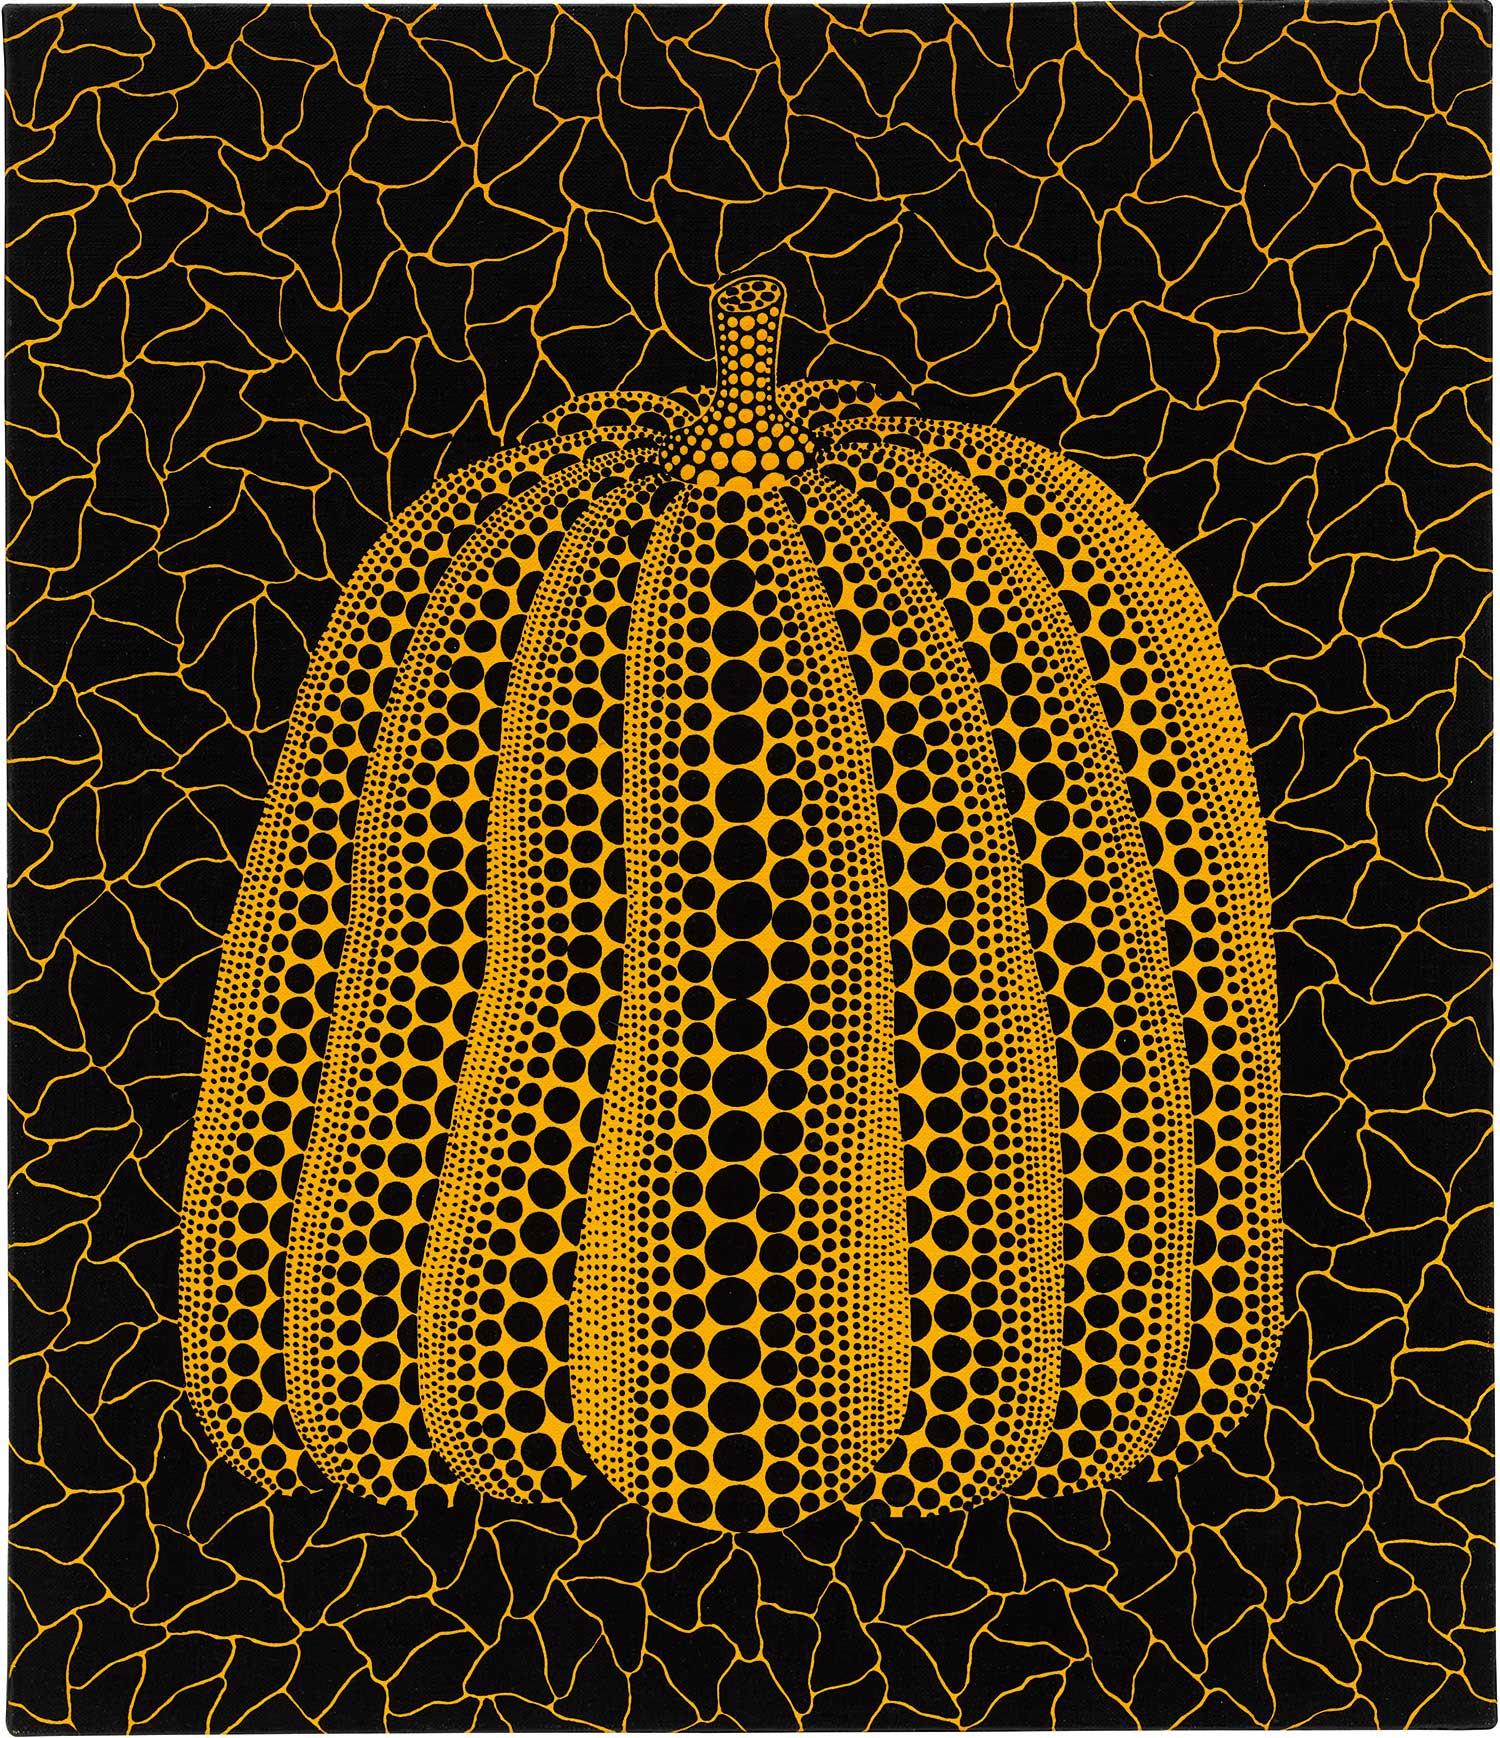 179_Yayoi-Kusama,-Pumpkin,-1990.jpg